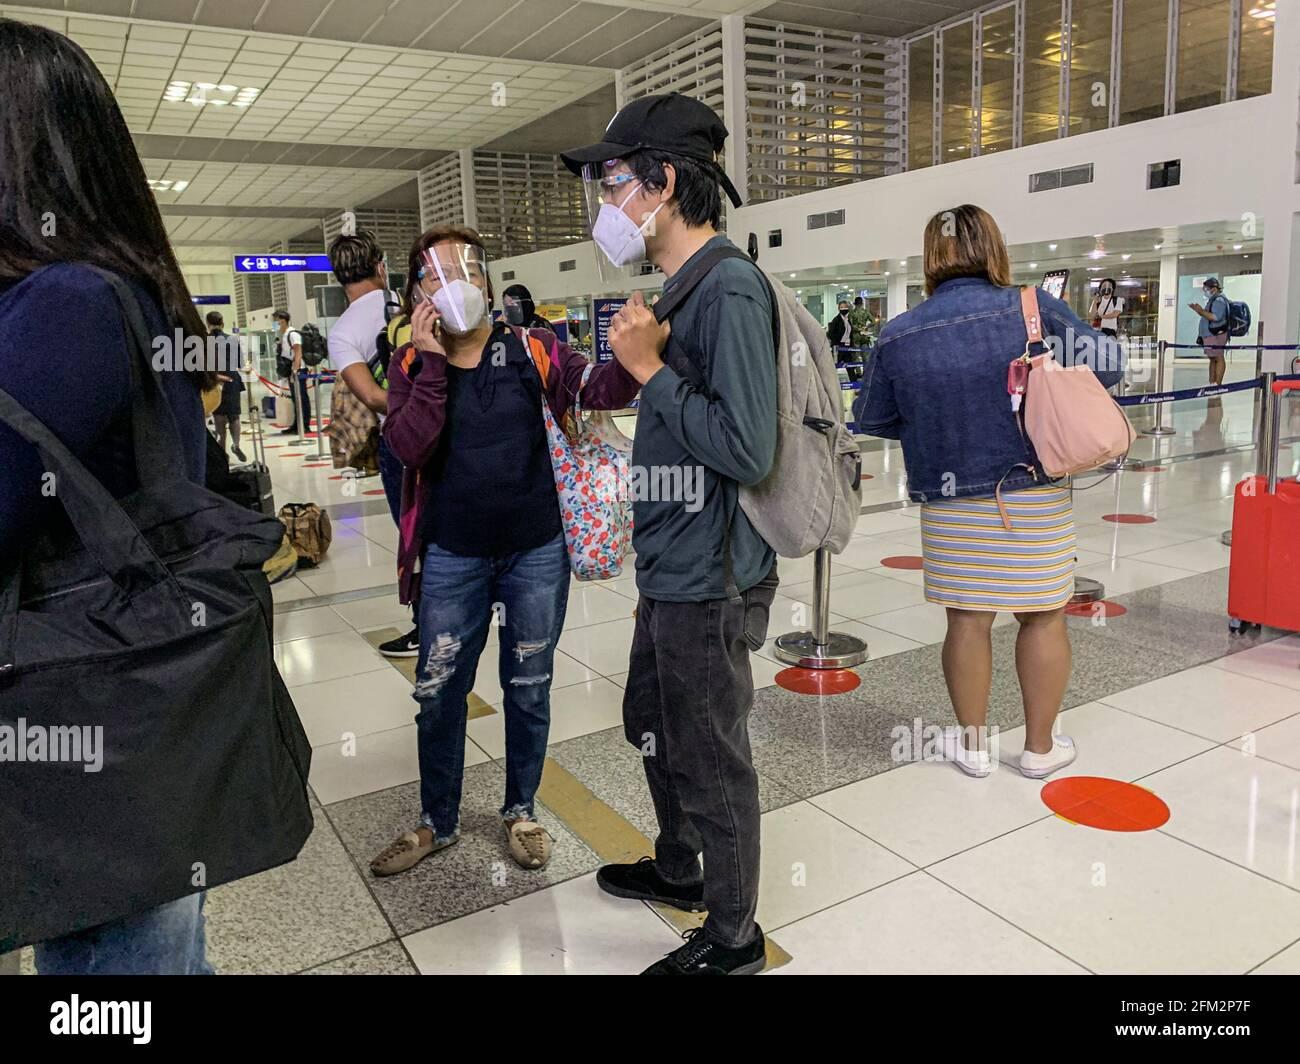 A pesar del aumento de casos de covid en Filipinas, el gobierno levantó algunas restricciones de viaje para alentar a la gente a viajar más localmente y ayudar a impulsar el turismo. Filipinas. Foto de stock